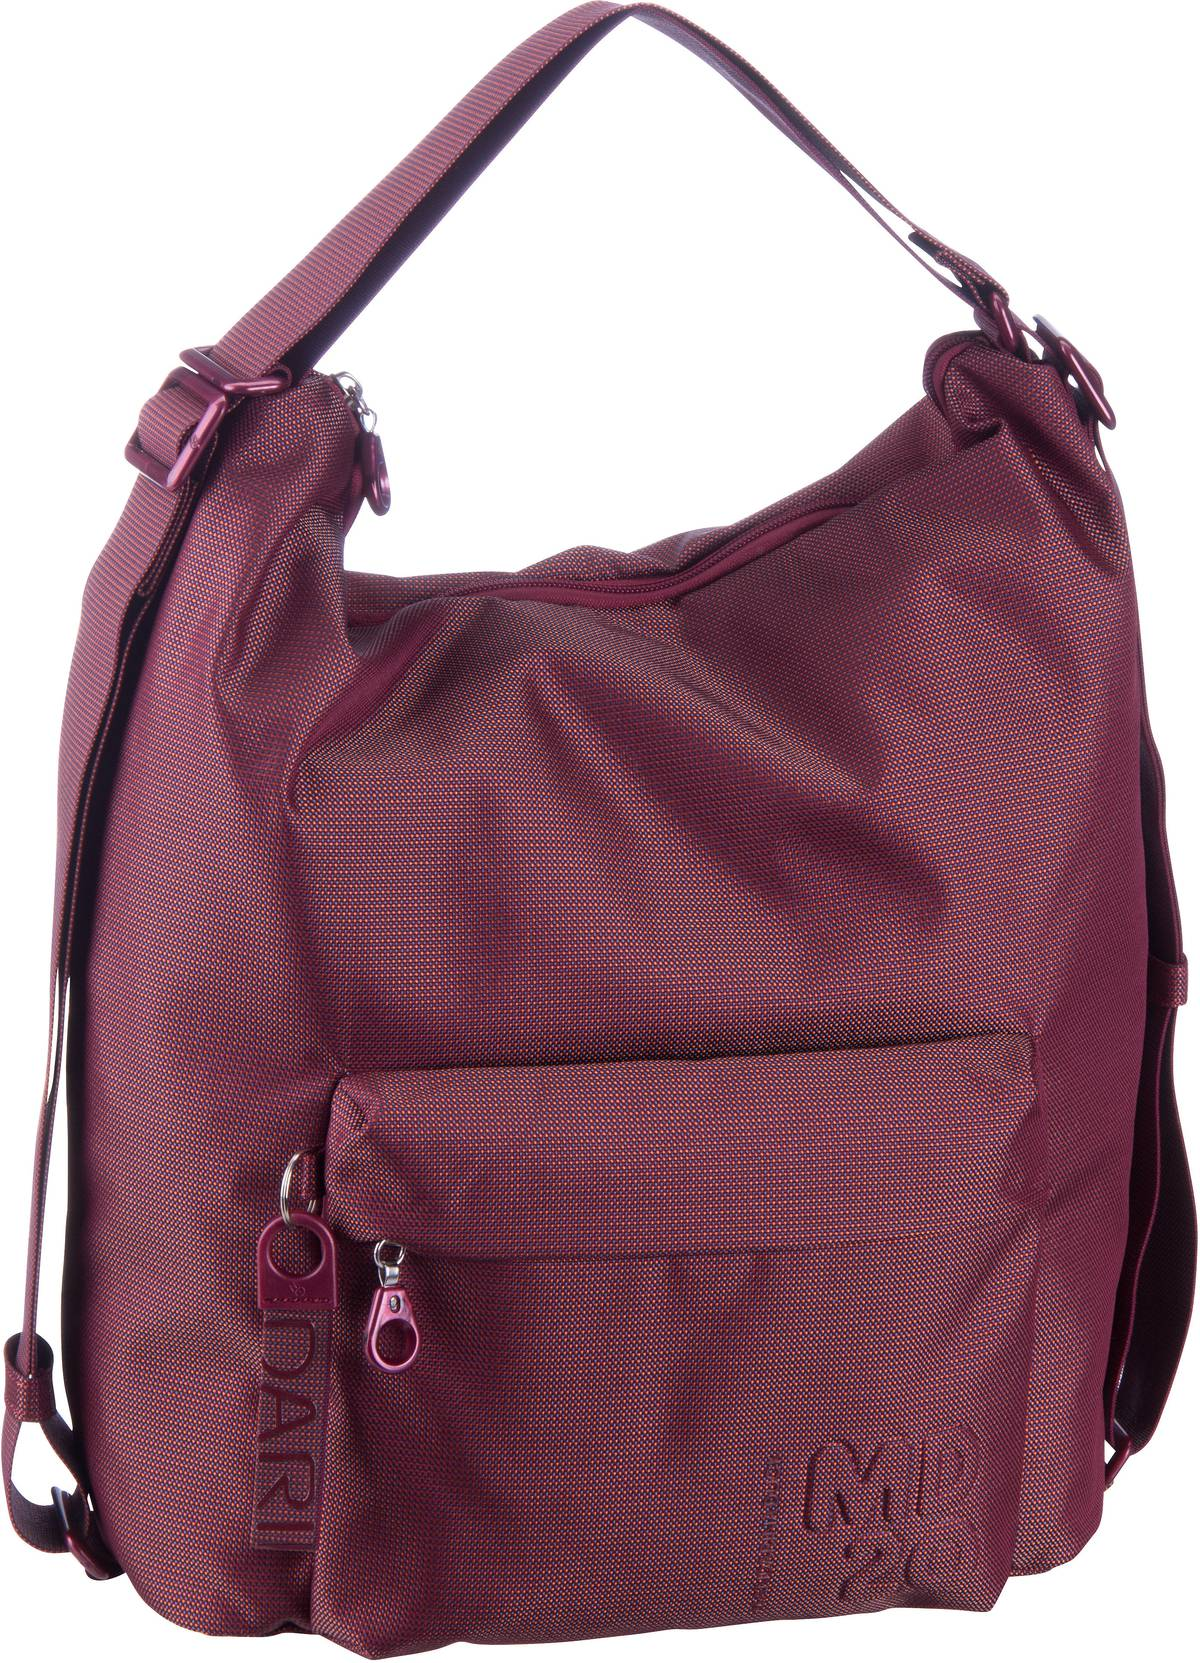 Handtasche MD20 Hobo Backpack QMT09 Cabernet